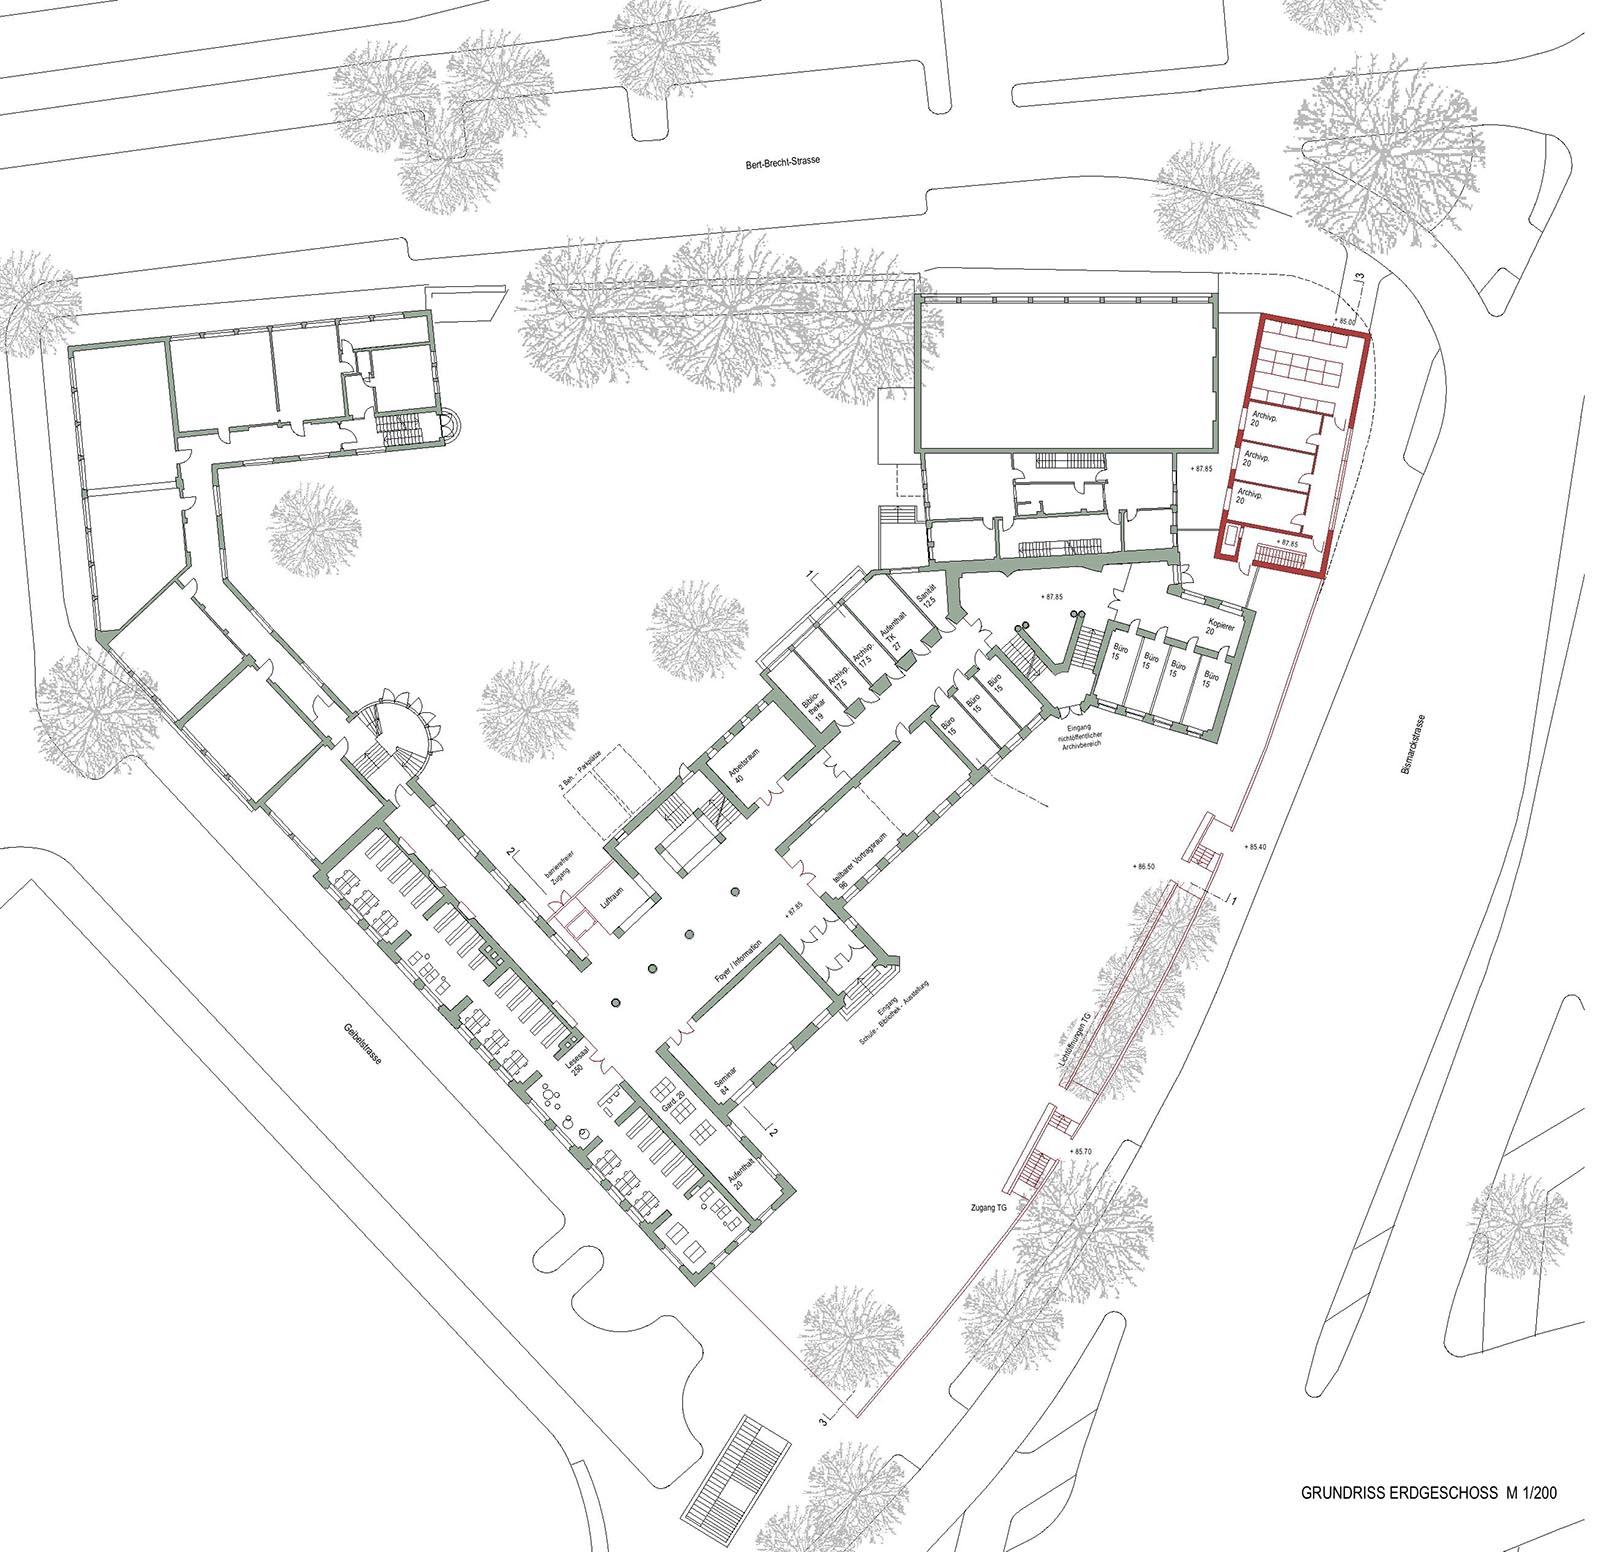 FPZ_Architekten_Stadtarchiv_Luisenschule_Essen_3